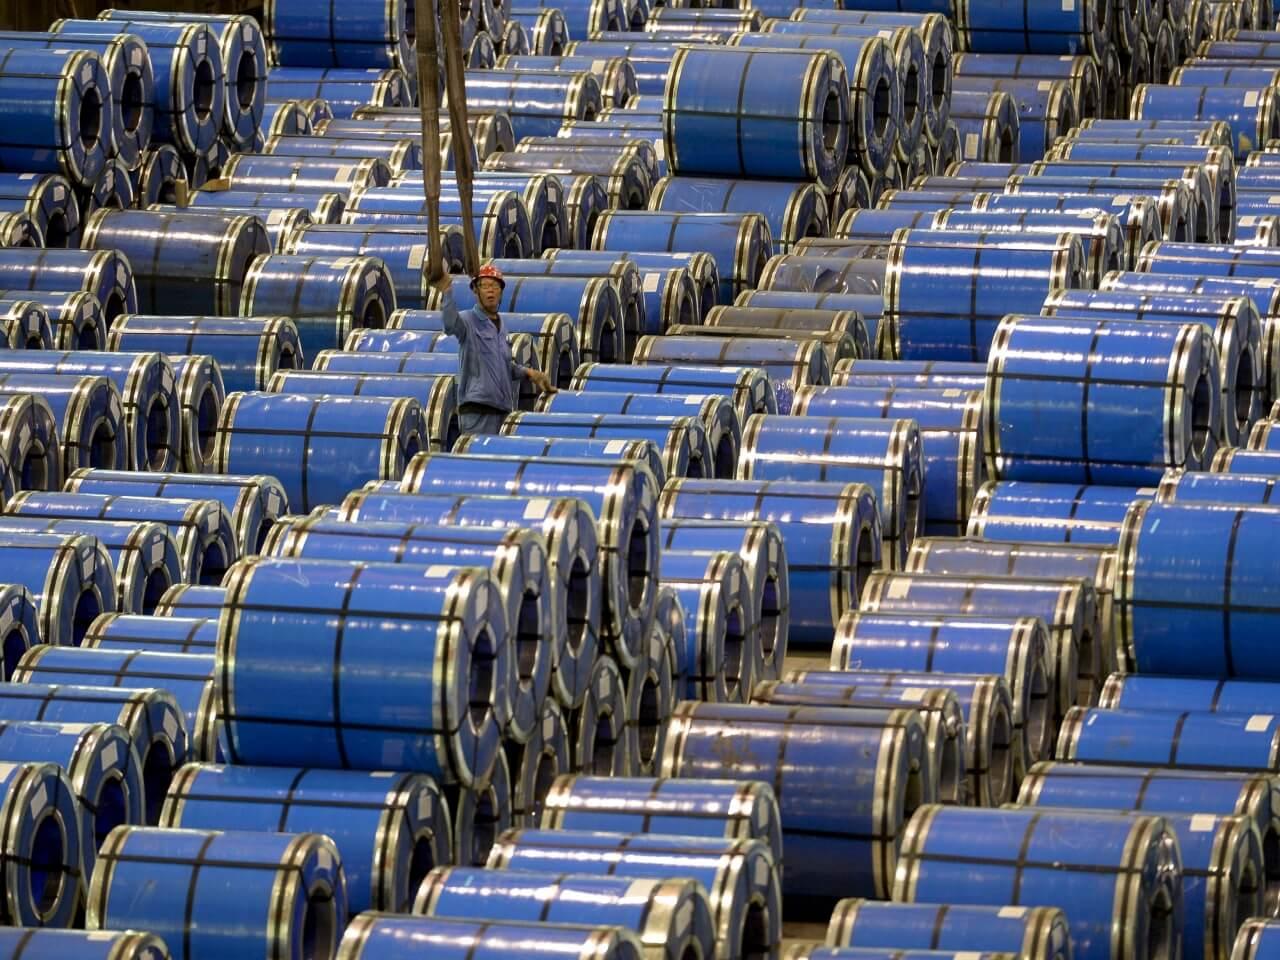 Avrupa Birliği Demir-Çelik İthalatına Ek Vergi Uygulayacak